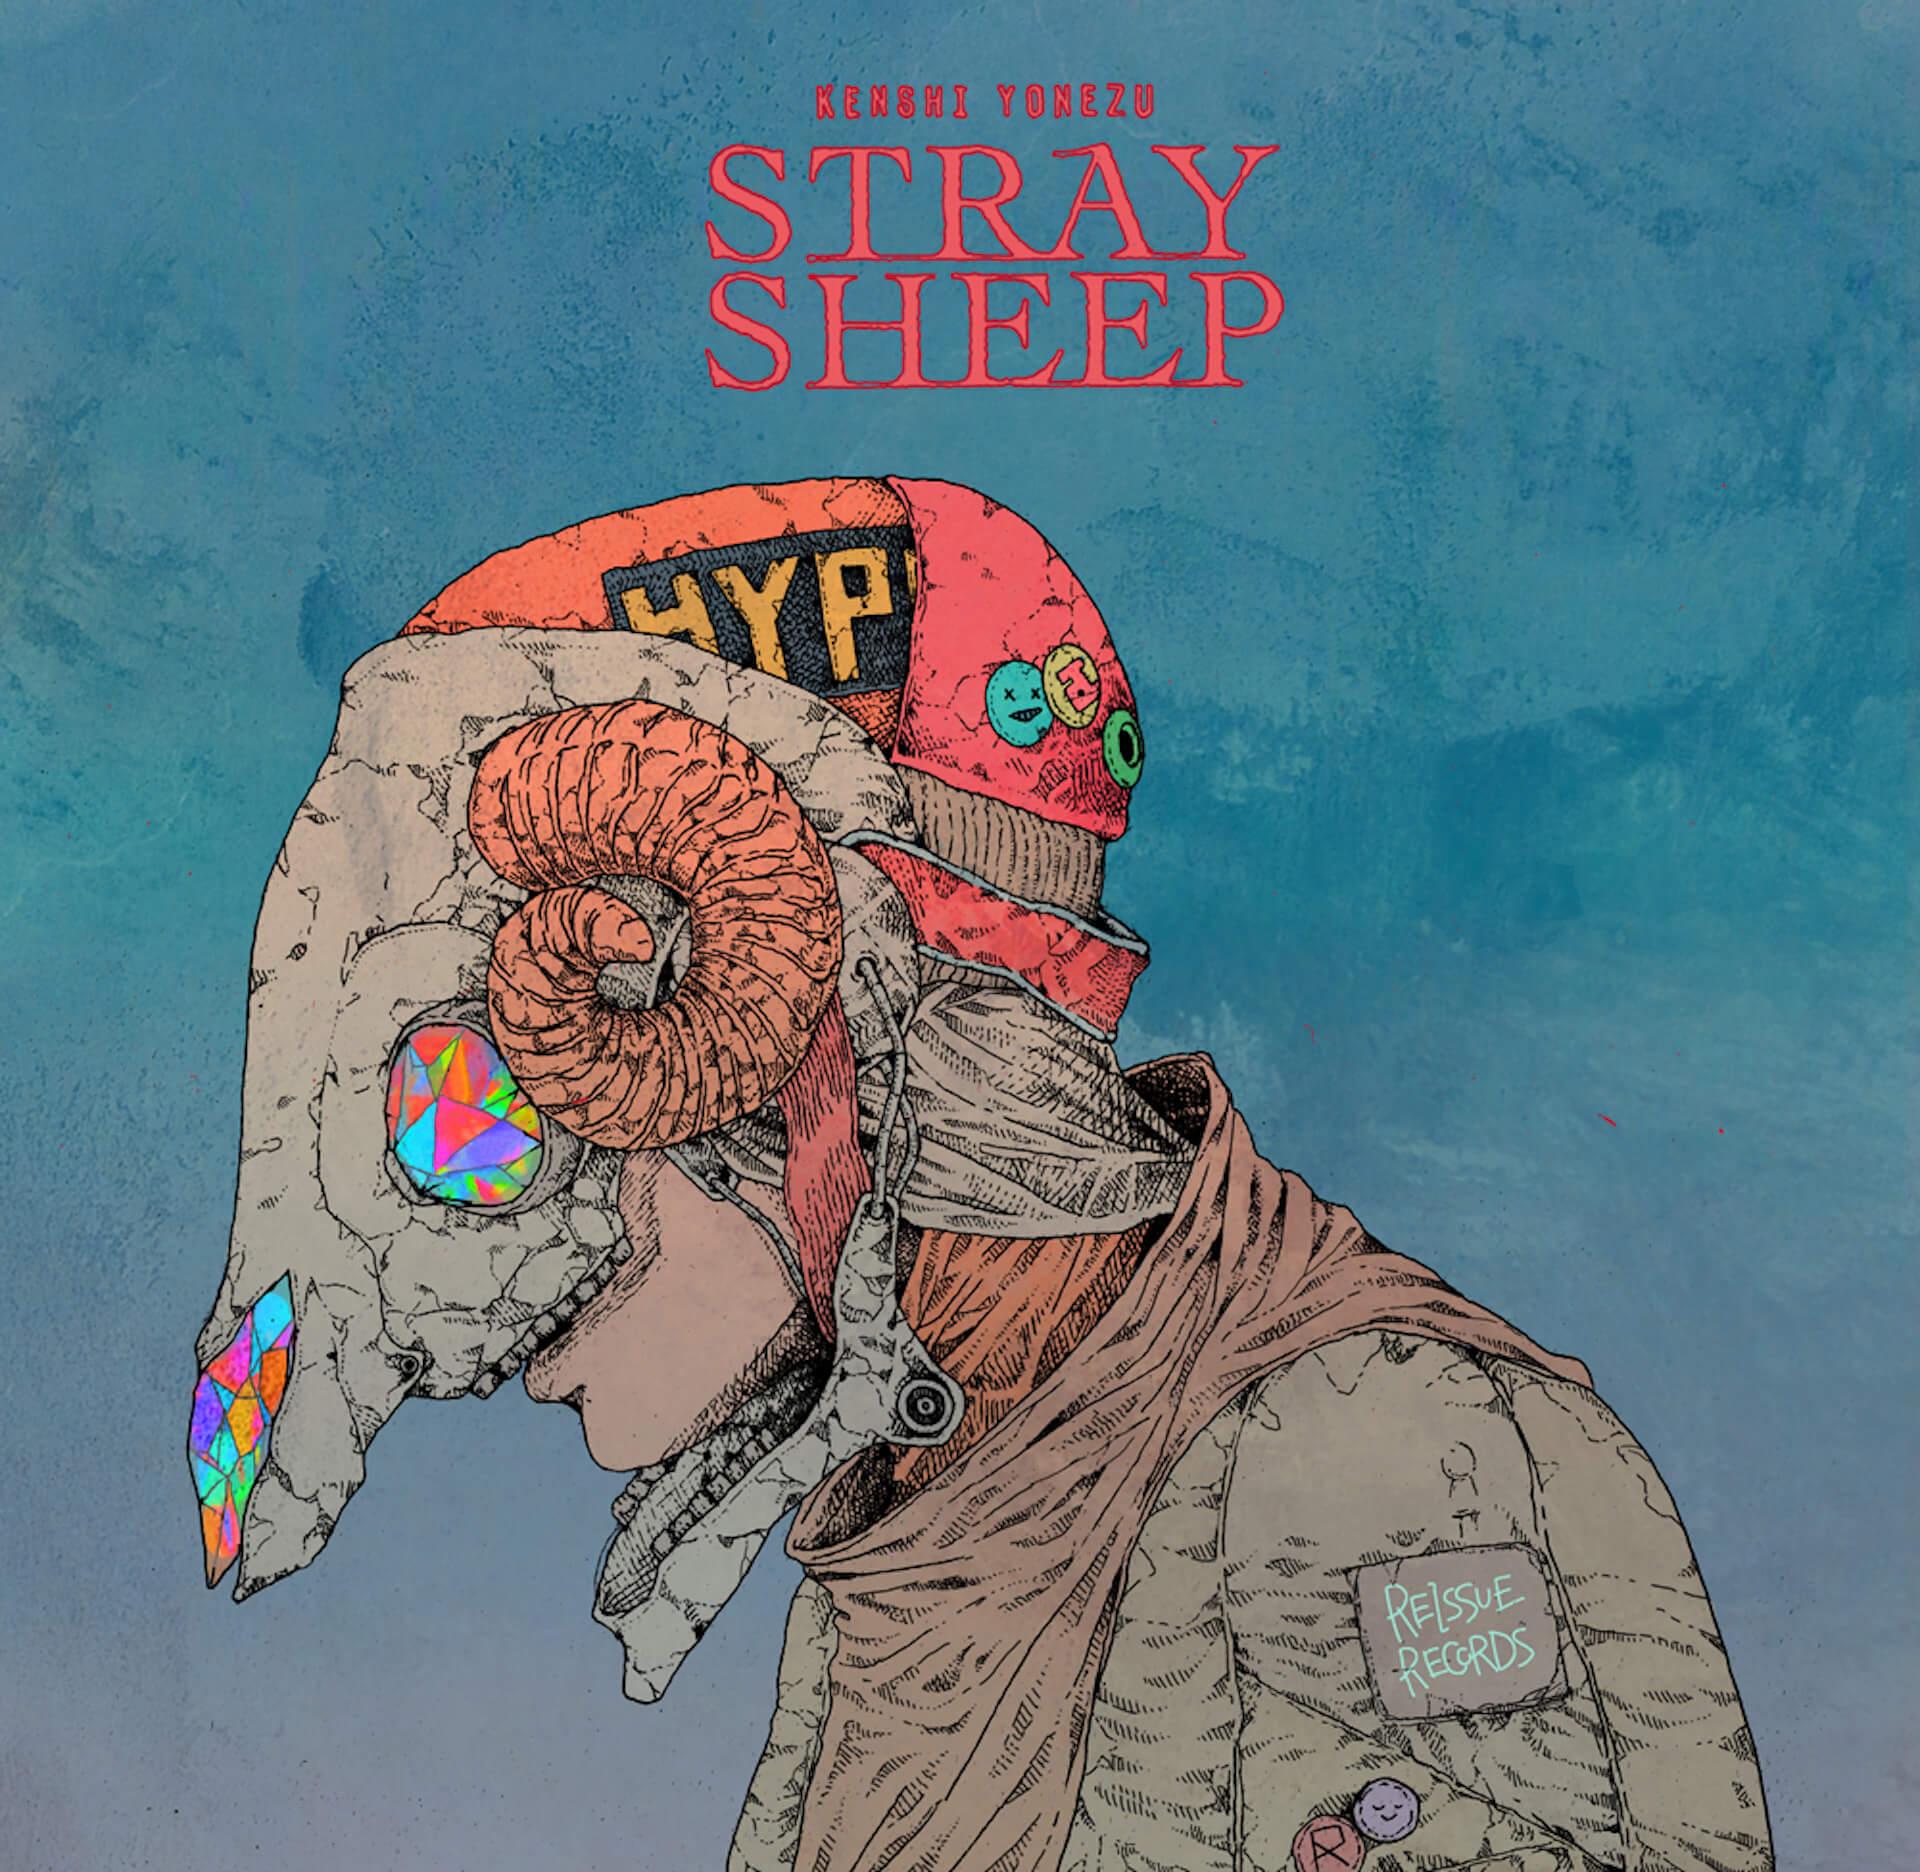 米津玄師『STRAY SHEEP』、WORLD MUSIC AWARDSで3週連続全世界1位を記録! music200915_yonezukenshi_1